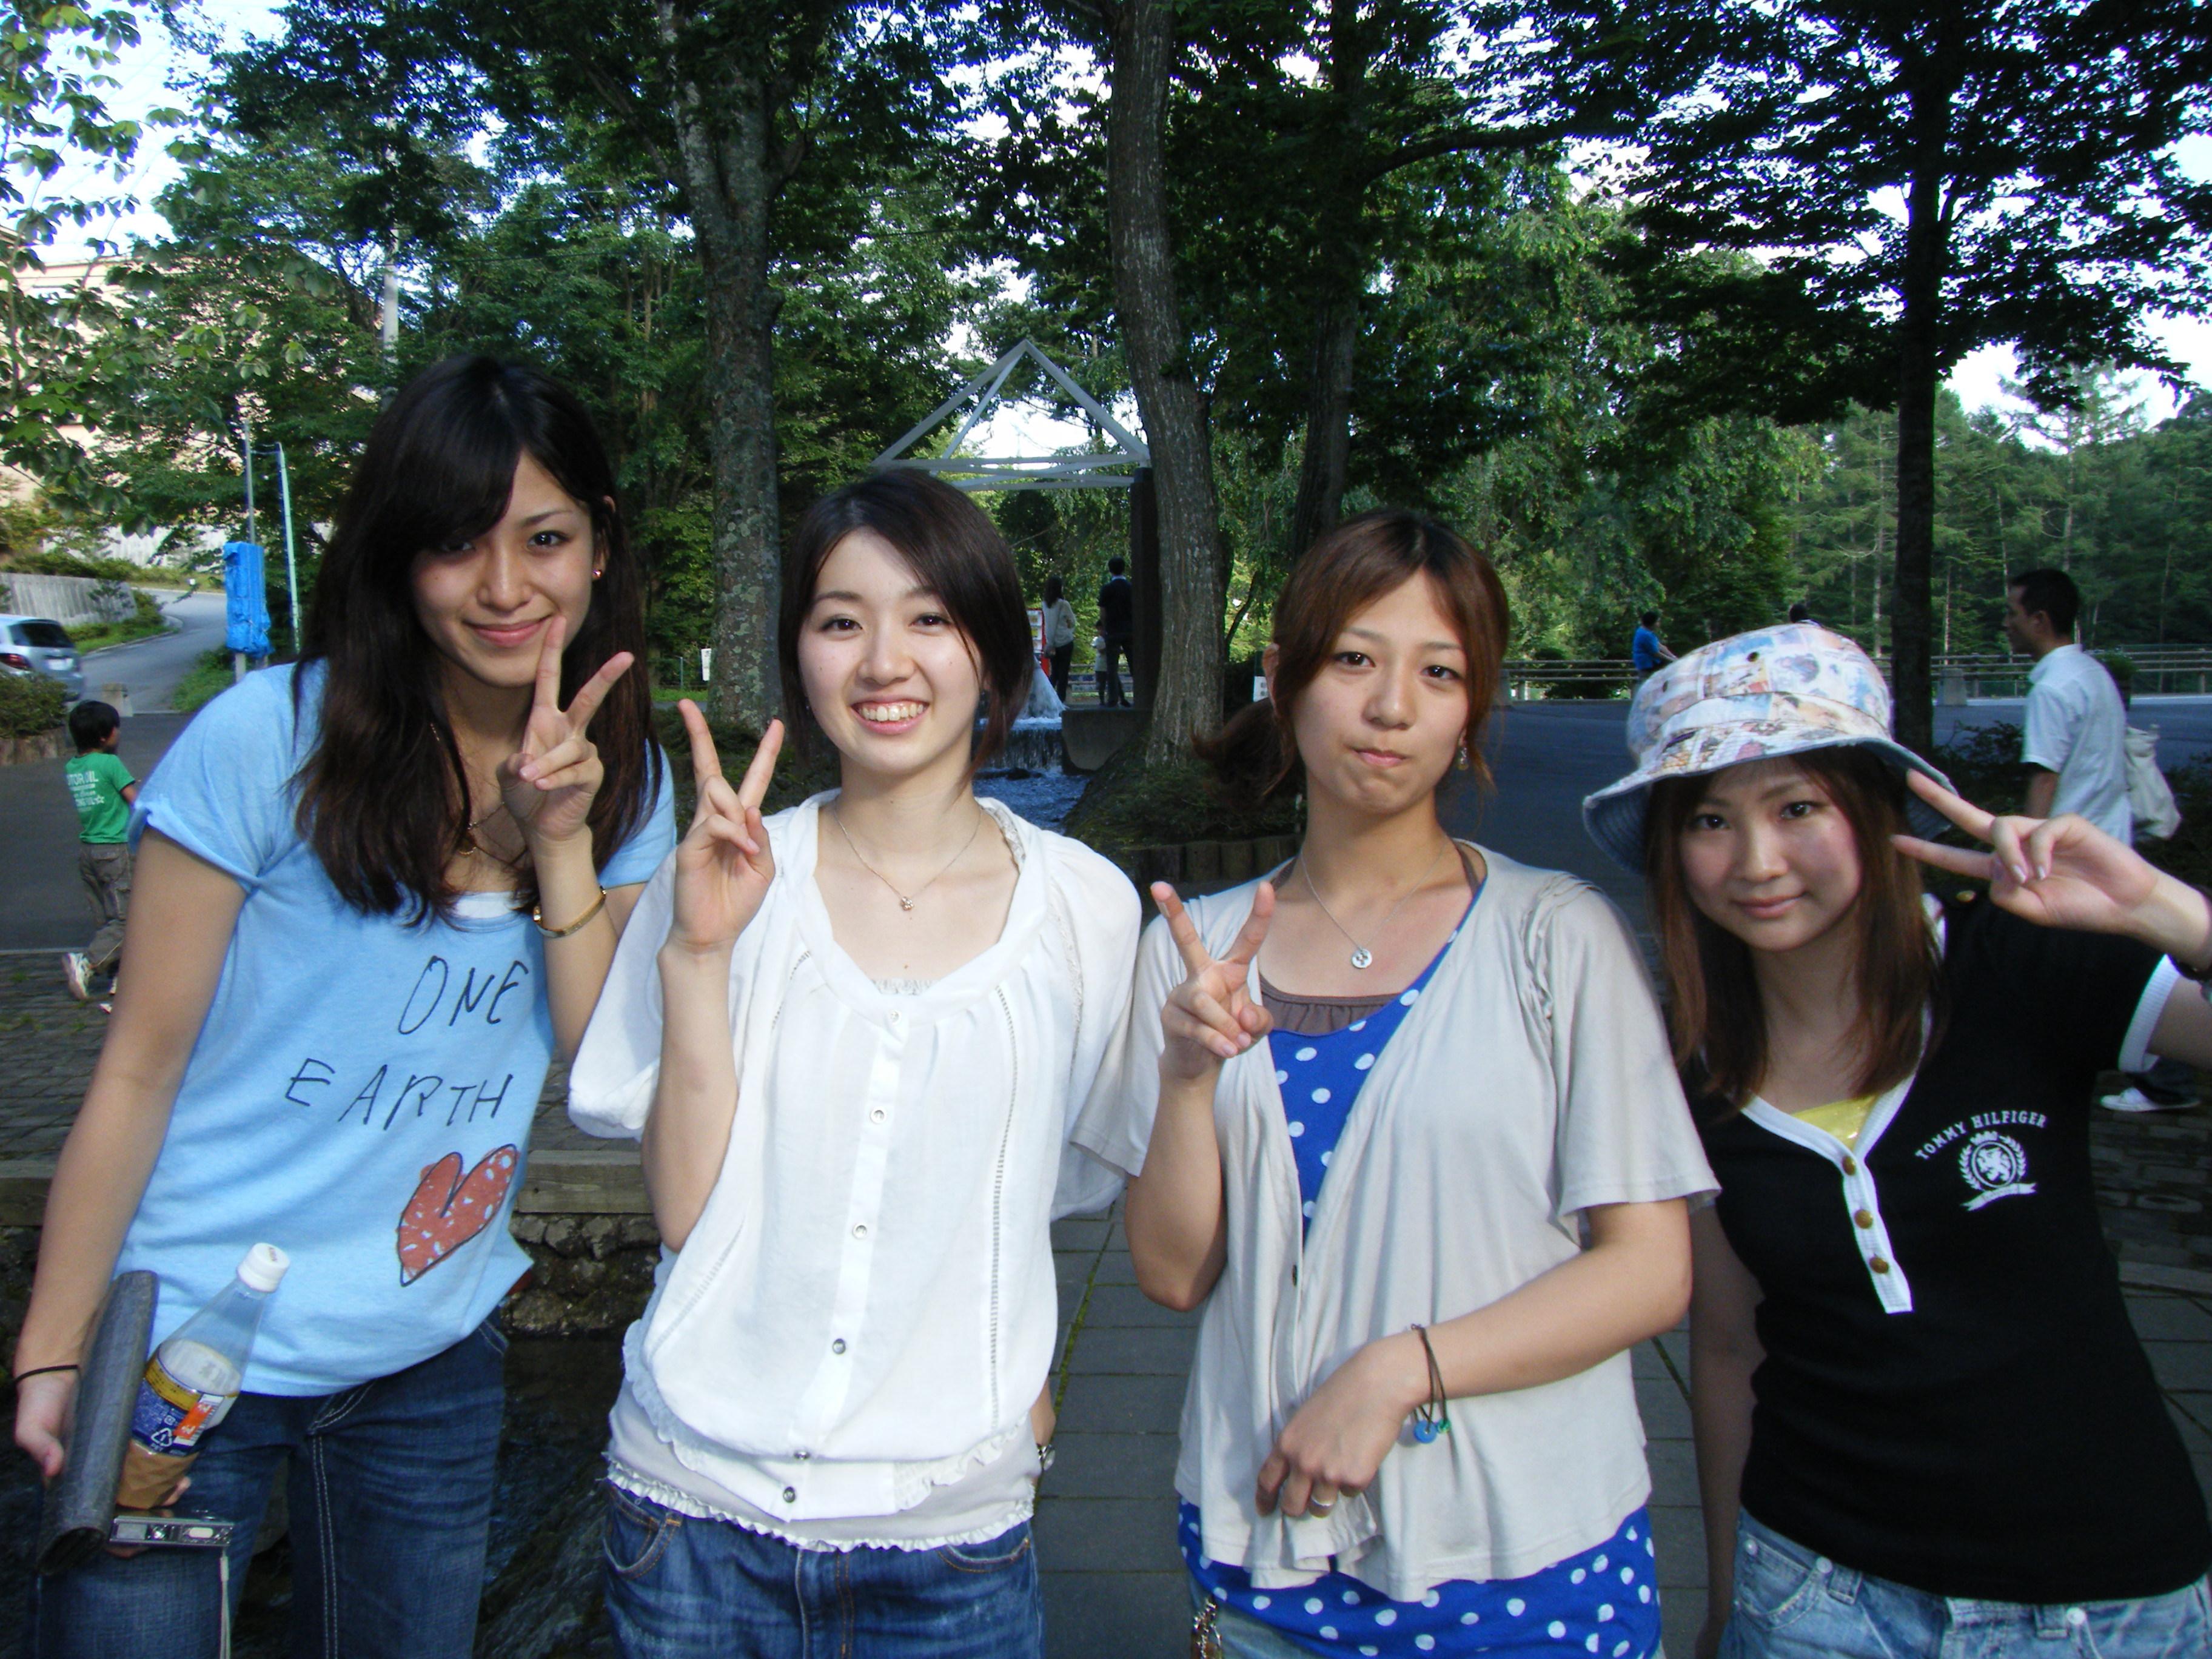 ミス慶應コンテスト2009 酒井真由子